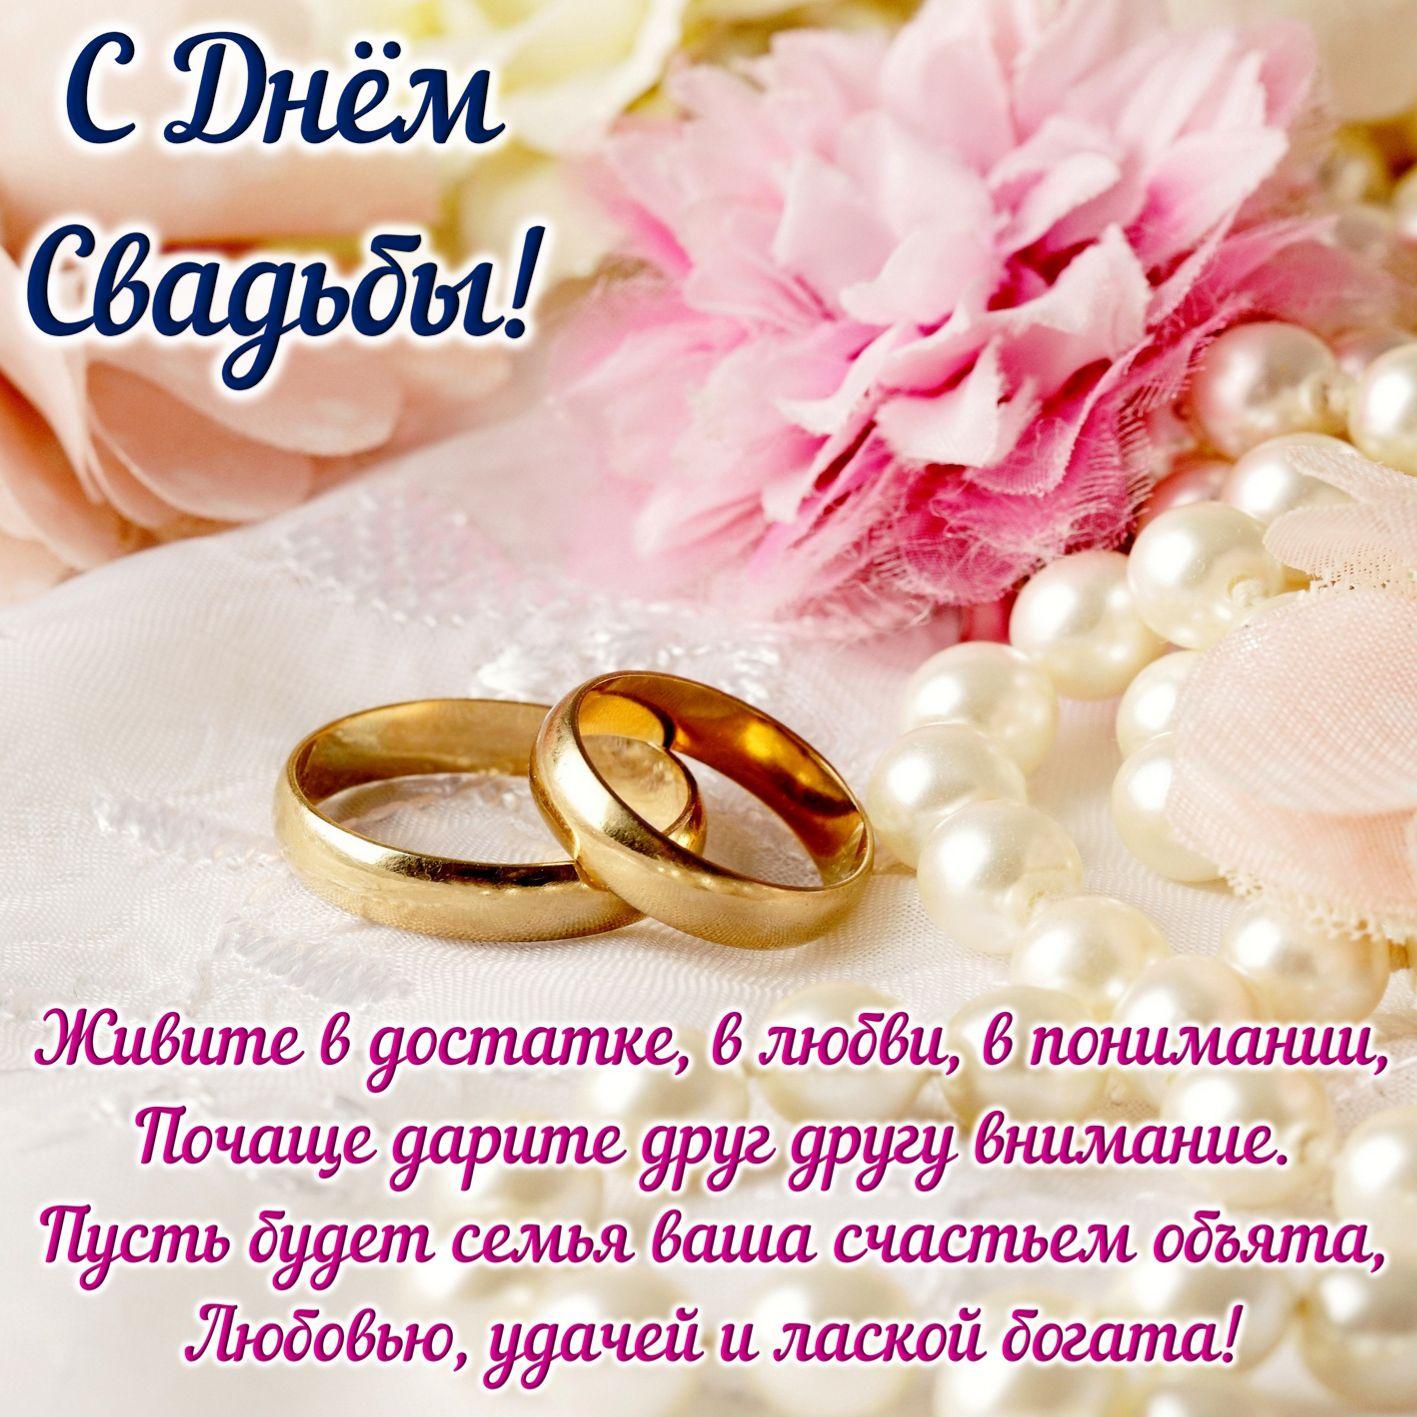 открытка на День свадьбы - пожелание и кольца на ярком фоне